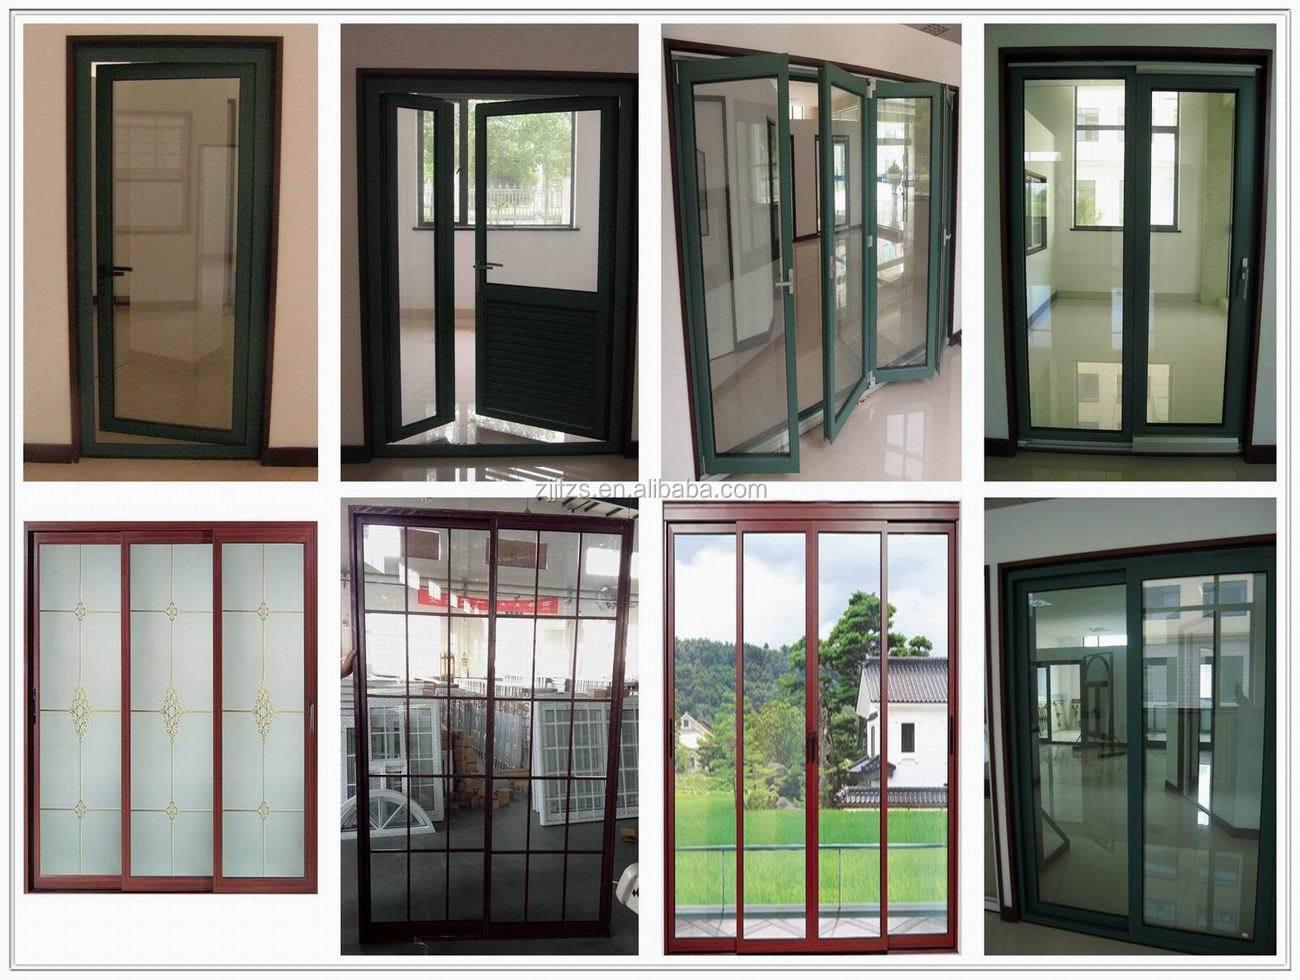 Correderas De Aluminio Puertas Y Ventanas,Puertas Y Ventanas De ...